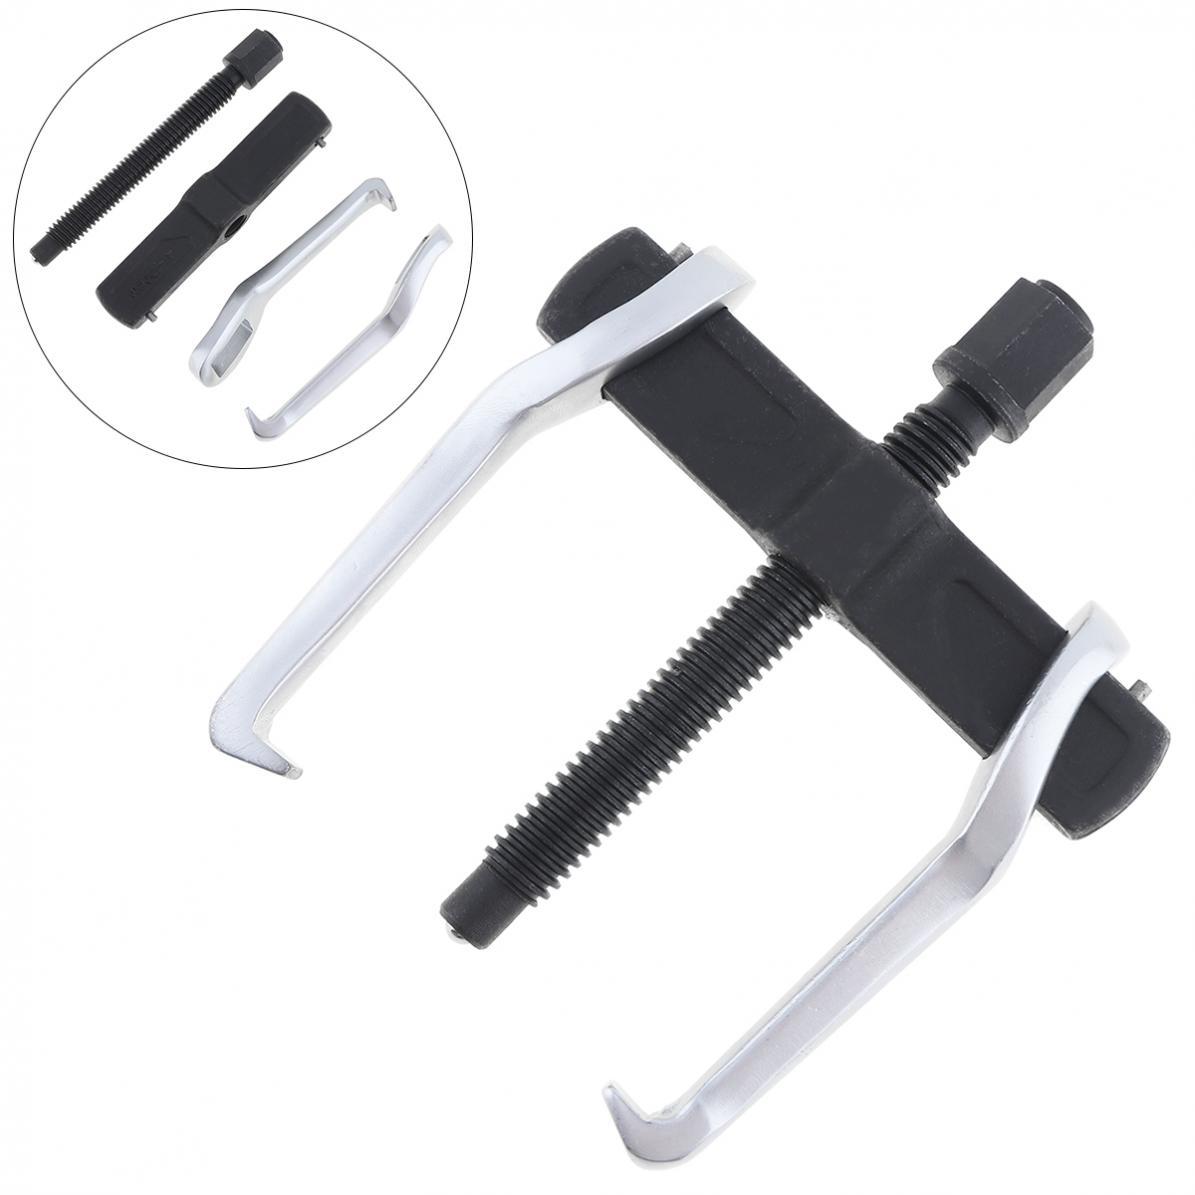 Авто Ремонт ручной инструмент 4 дюймов CR-V два когти Съемник отдельные подъемное устройство укрепить подшипника рама